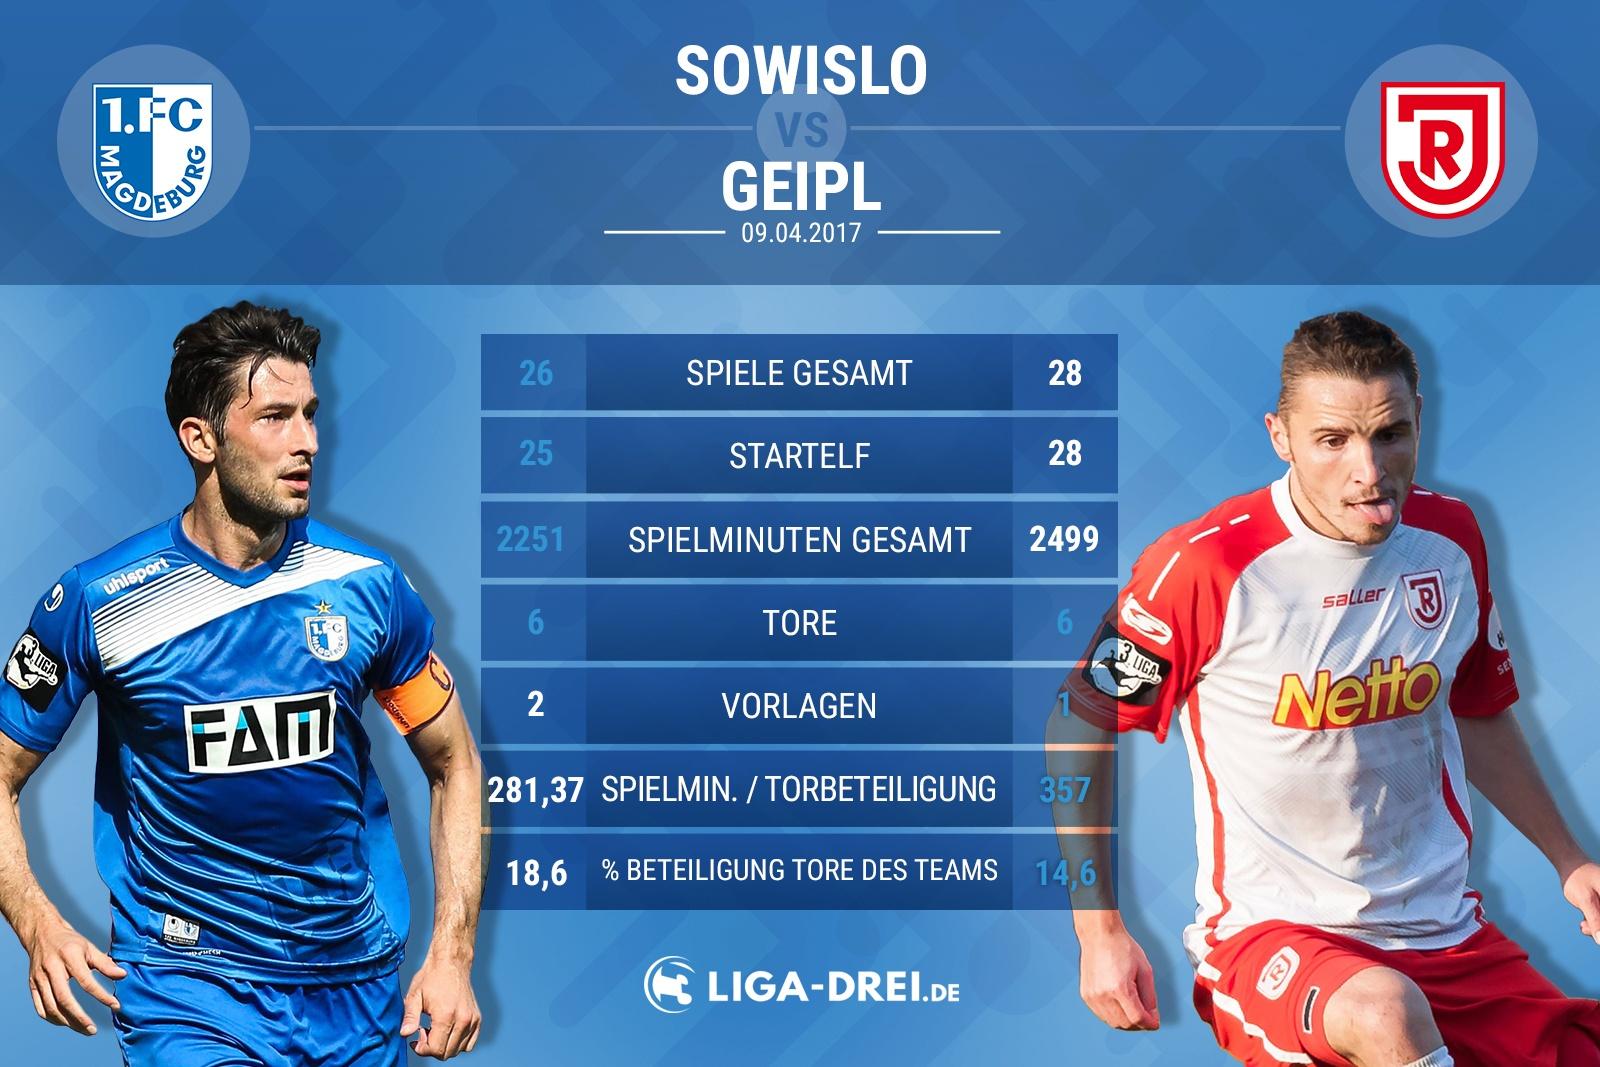 Spielervergleich von Sowislo & Geipl